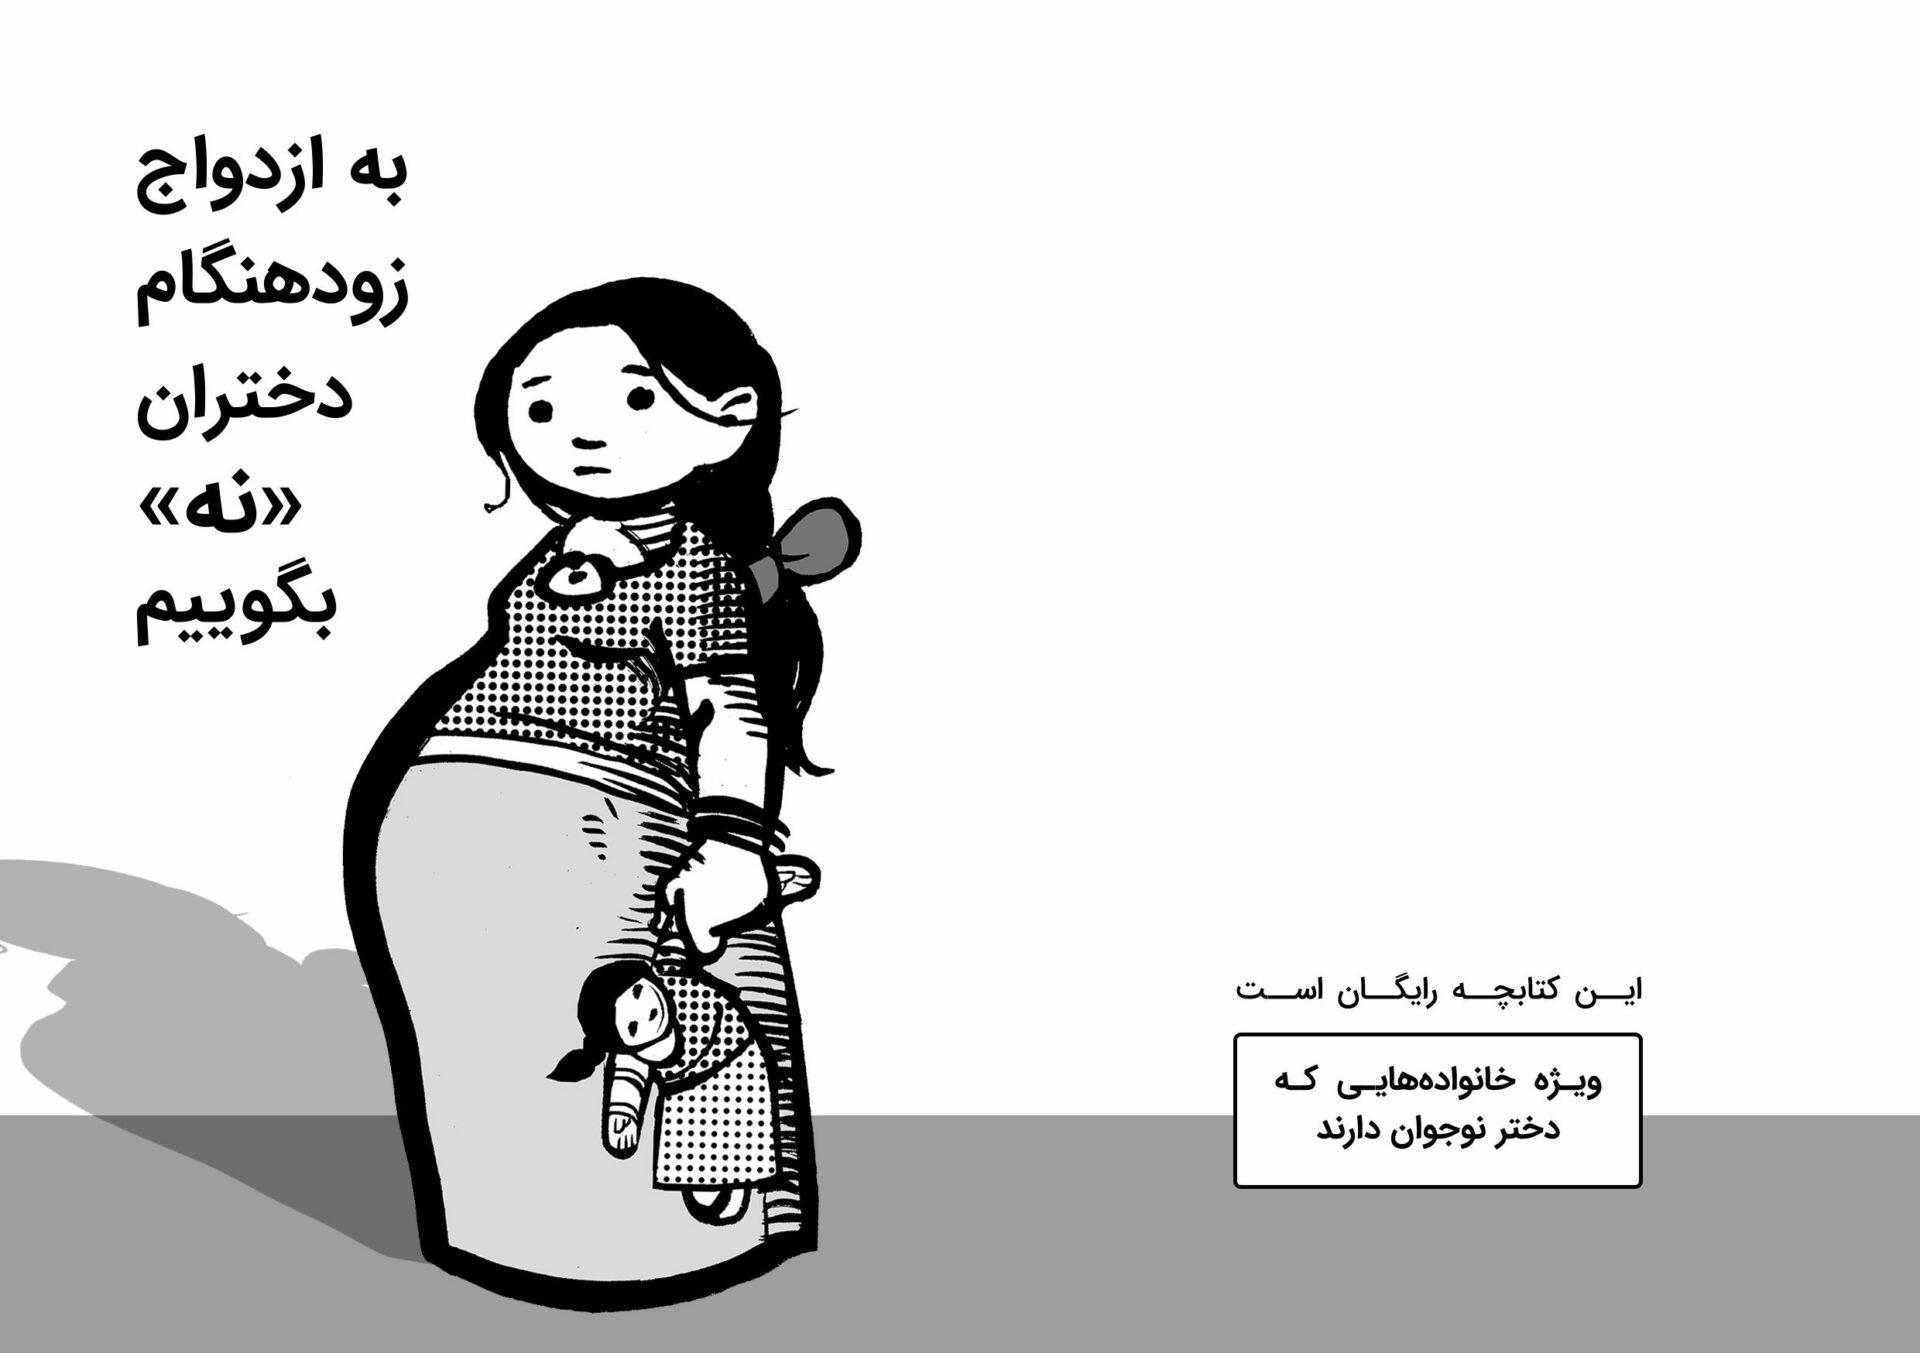 به ازدواج زود هنگام دختران «نه» بگوییم